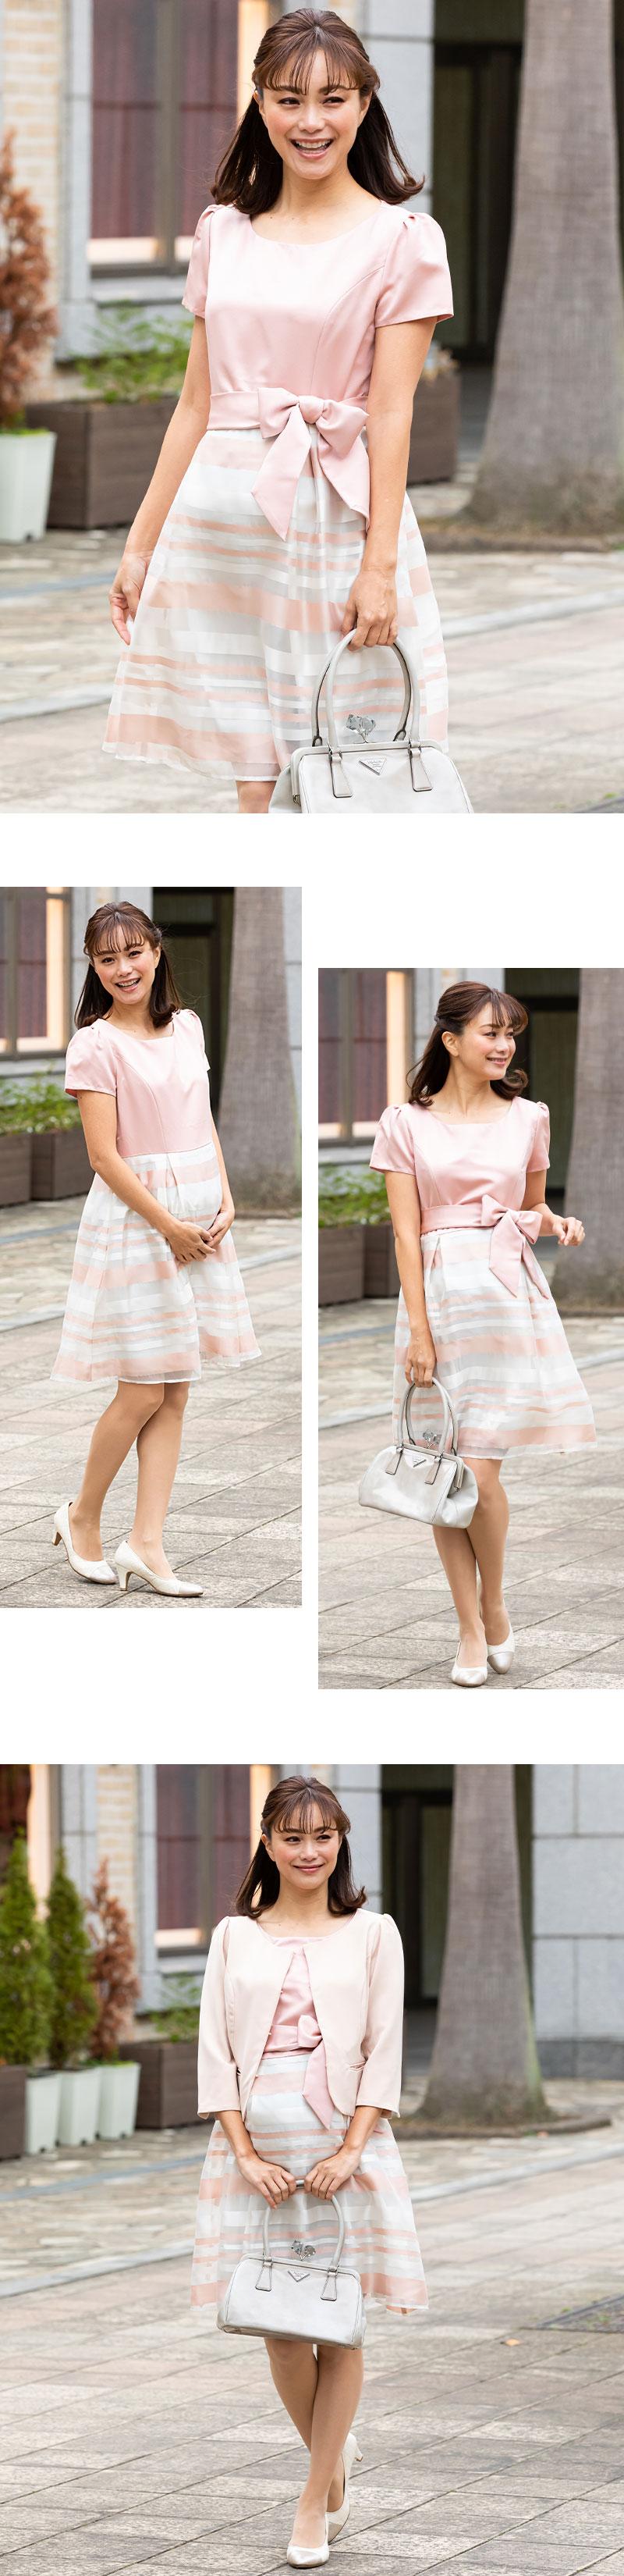 優しい印象のピンク着用